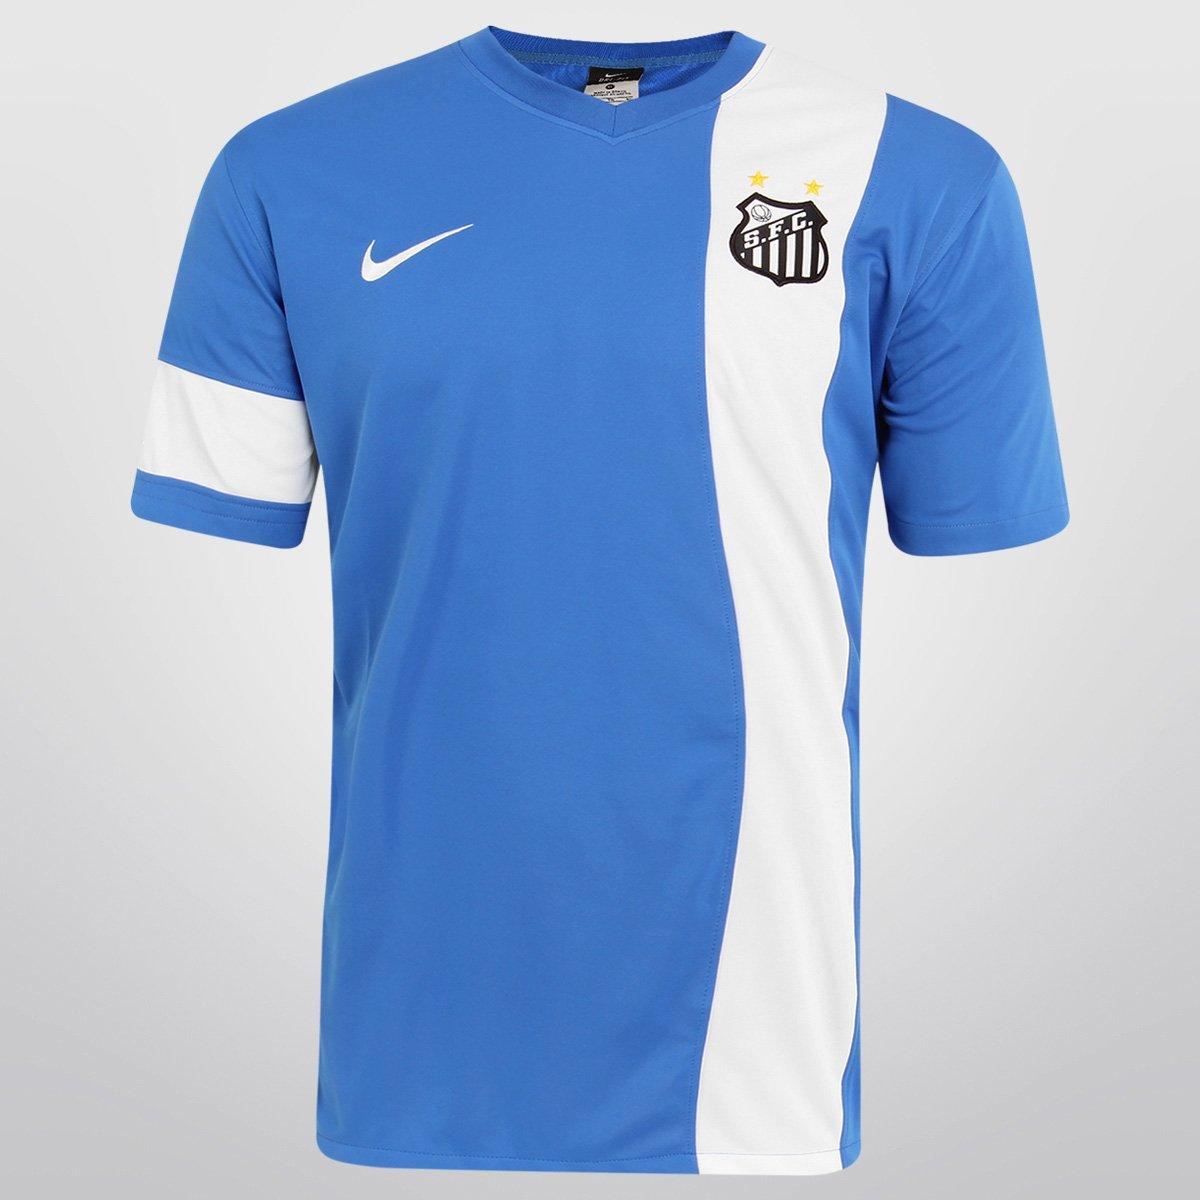 Camisa Nike Santos Treino 13 14 - Jogador - Compre Agora  ade91f186b5de